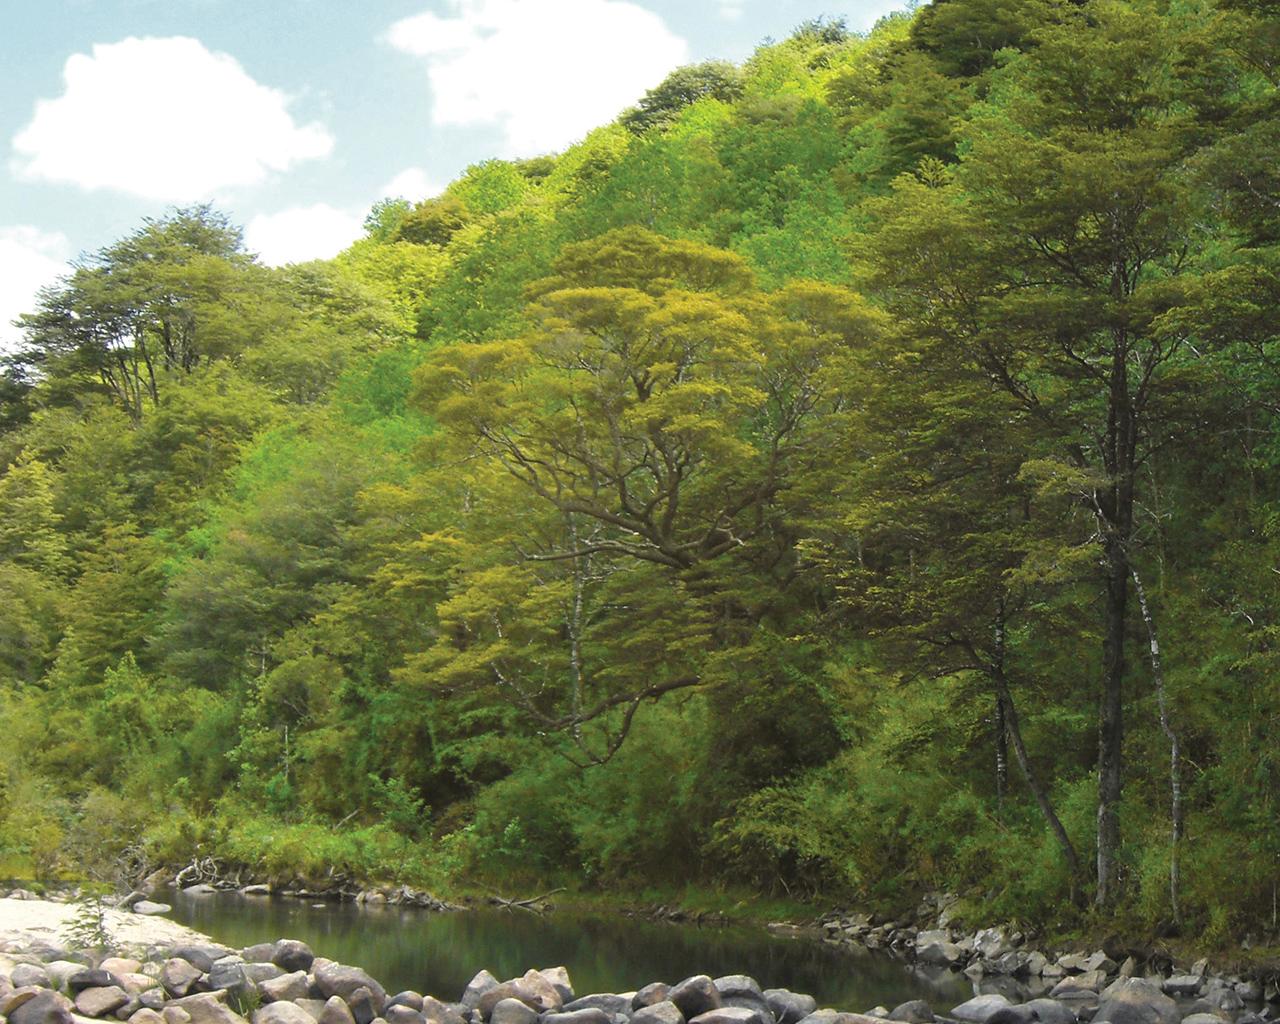 Investigación revela que ruiles están amenazados por otras especies arbóreas